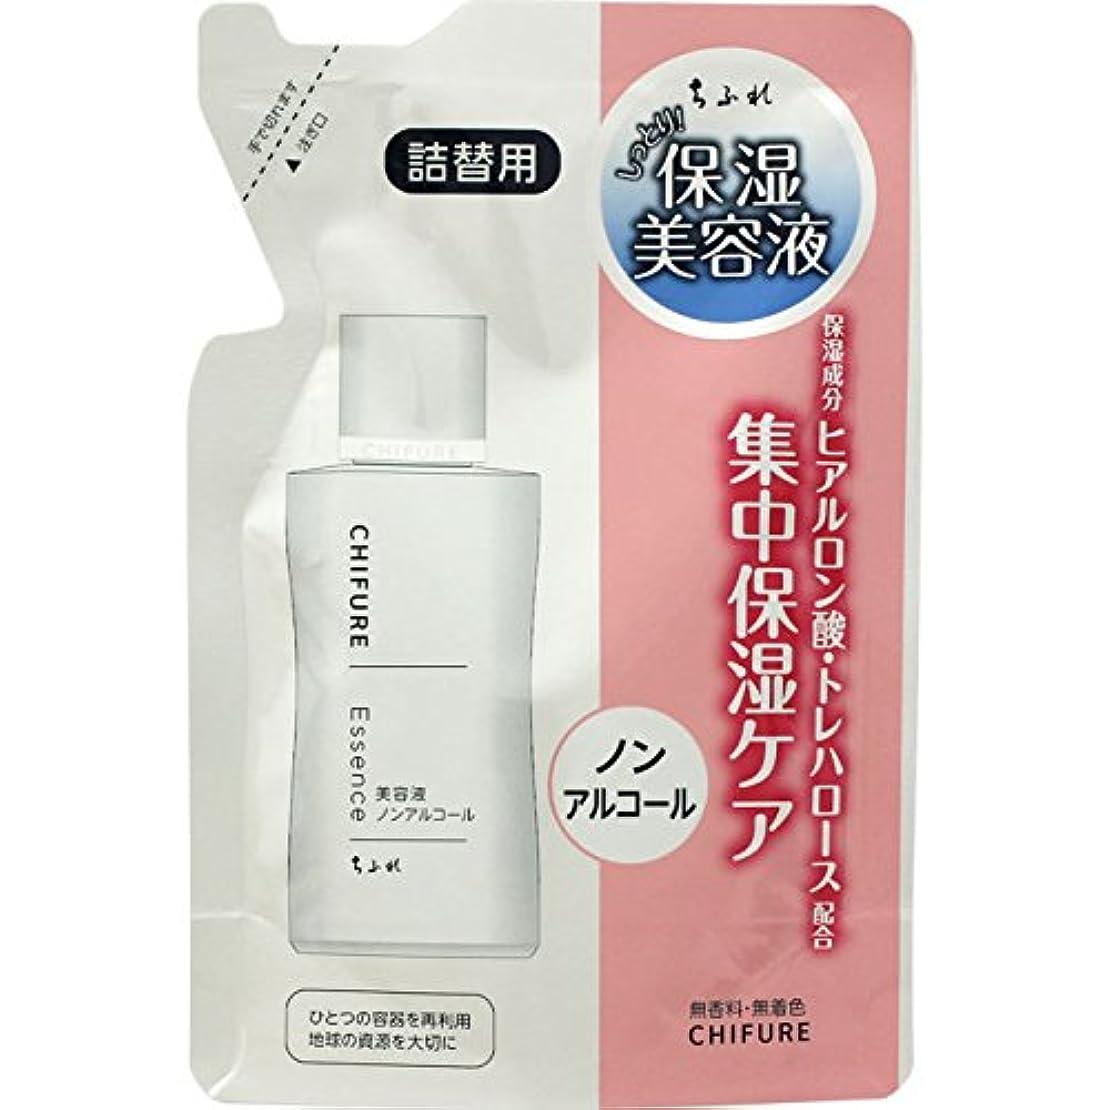 スイングタクト一時解雇するちふれ化粧品 ちふれ 美容液 ノンアルコールタイプ 詰替用 45ML